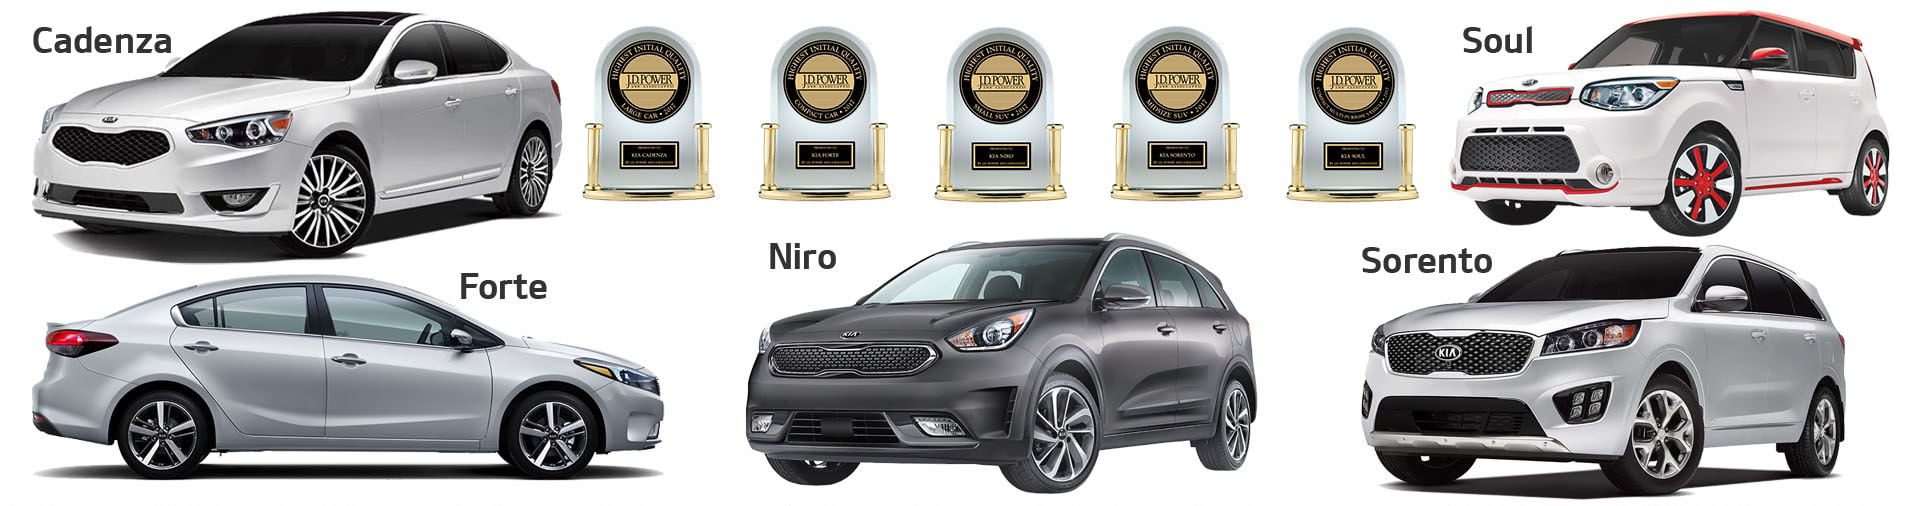 Kia's J.D. Power 2017 U.S. Initial Quality Study Winners